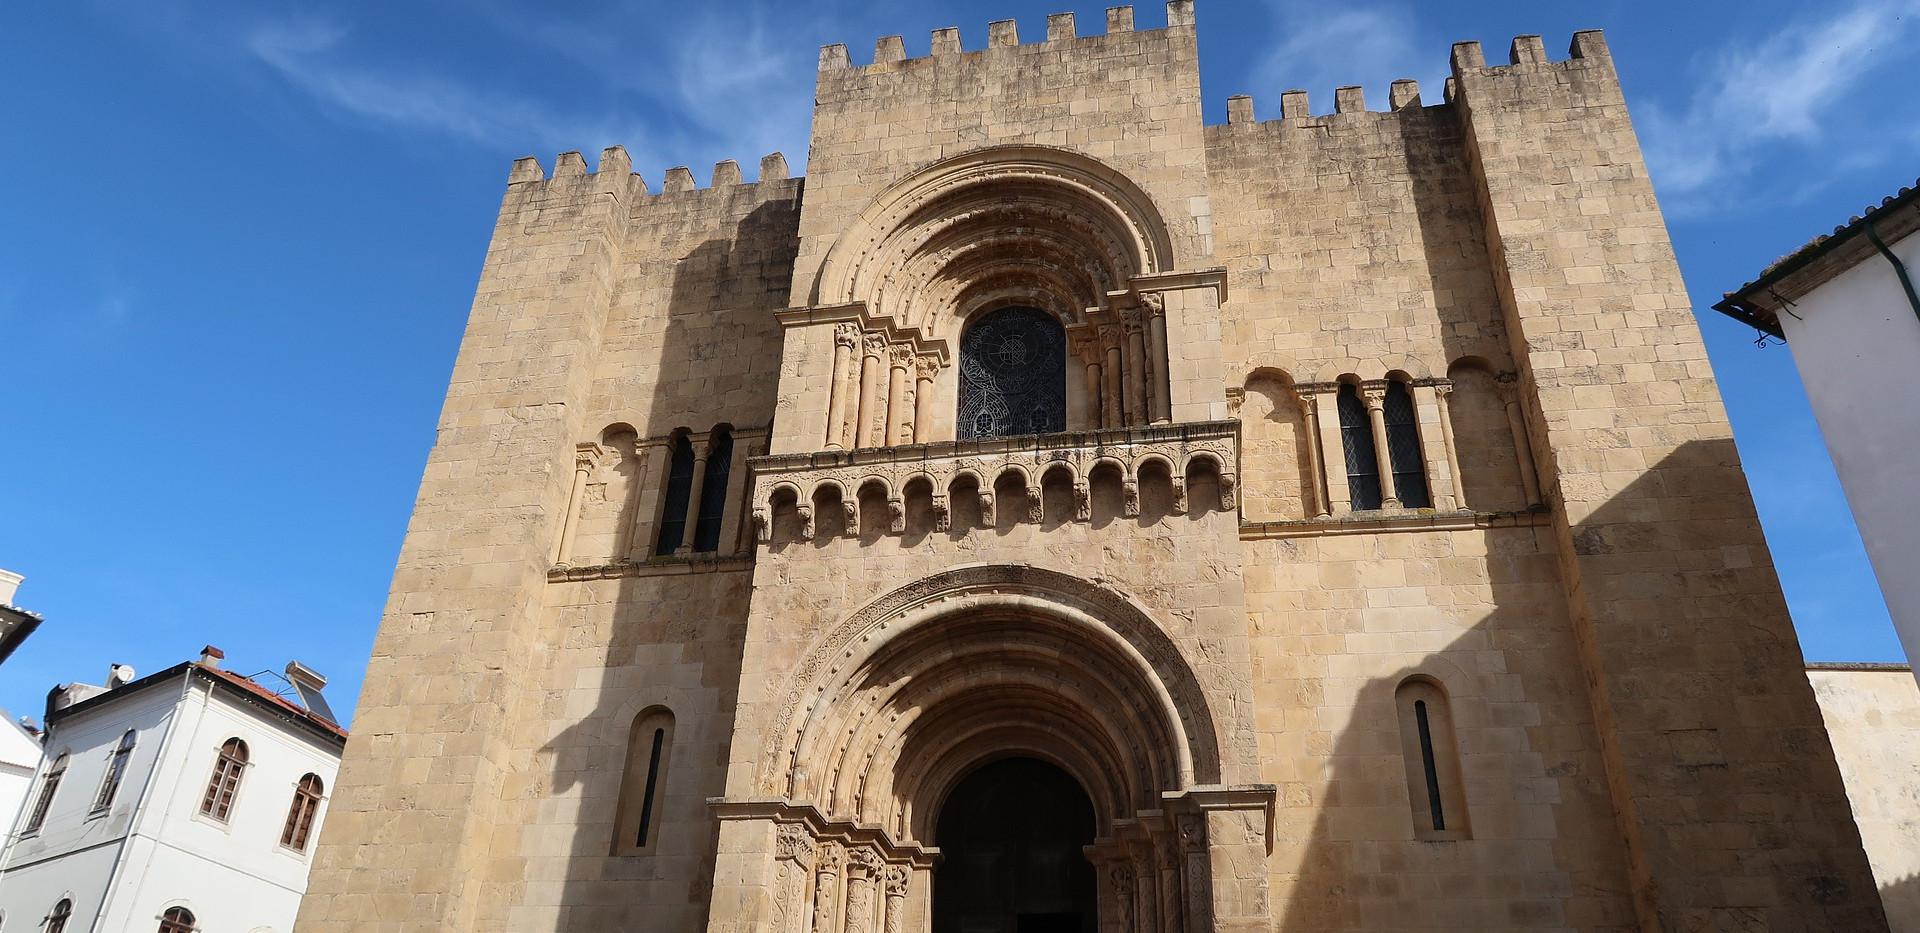 Catedral de Coimbra, Coimbra - Portugal